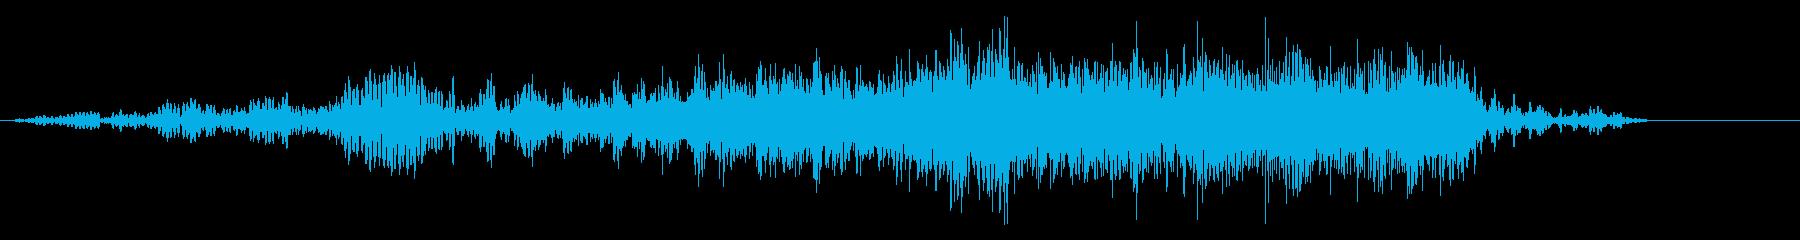 スカウトトラック:スローイン、アイ...の再生済みの波形